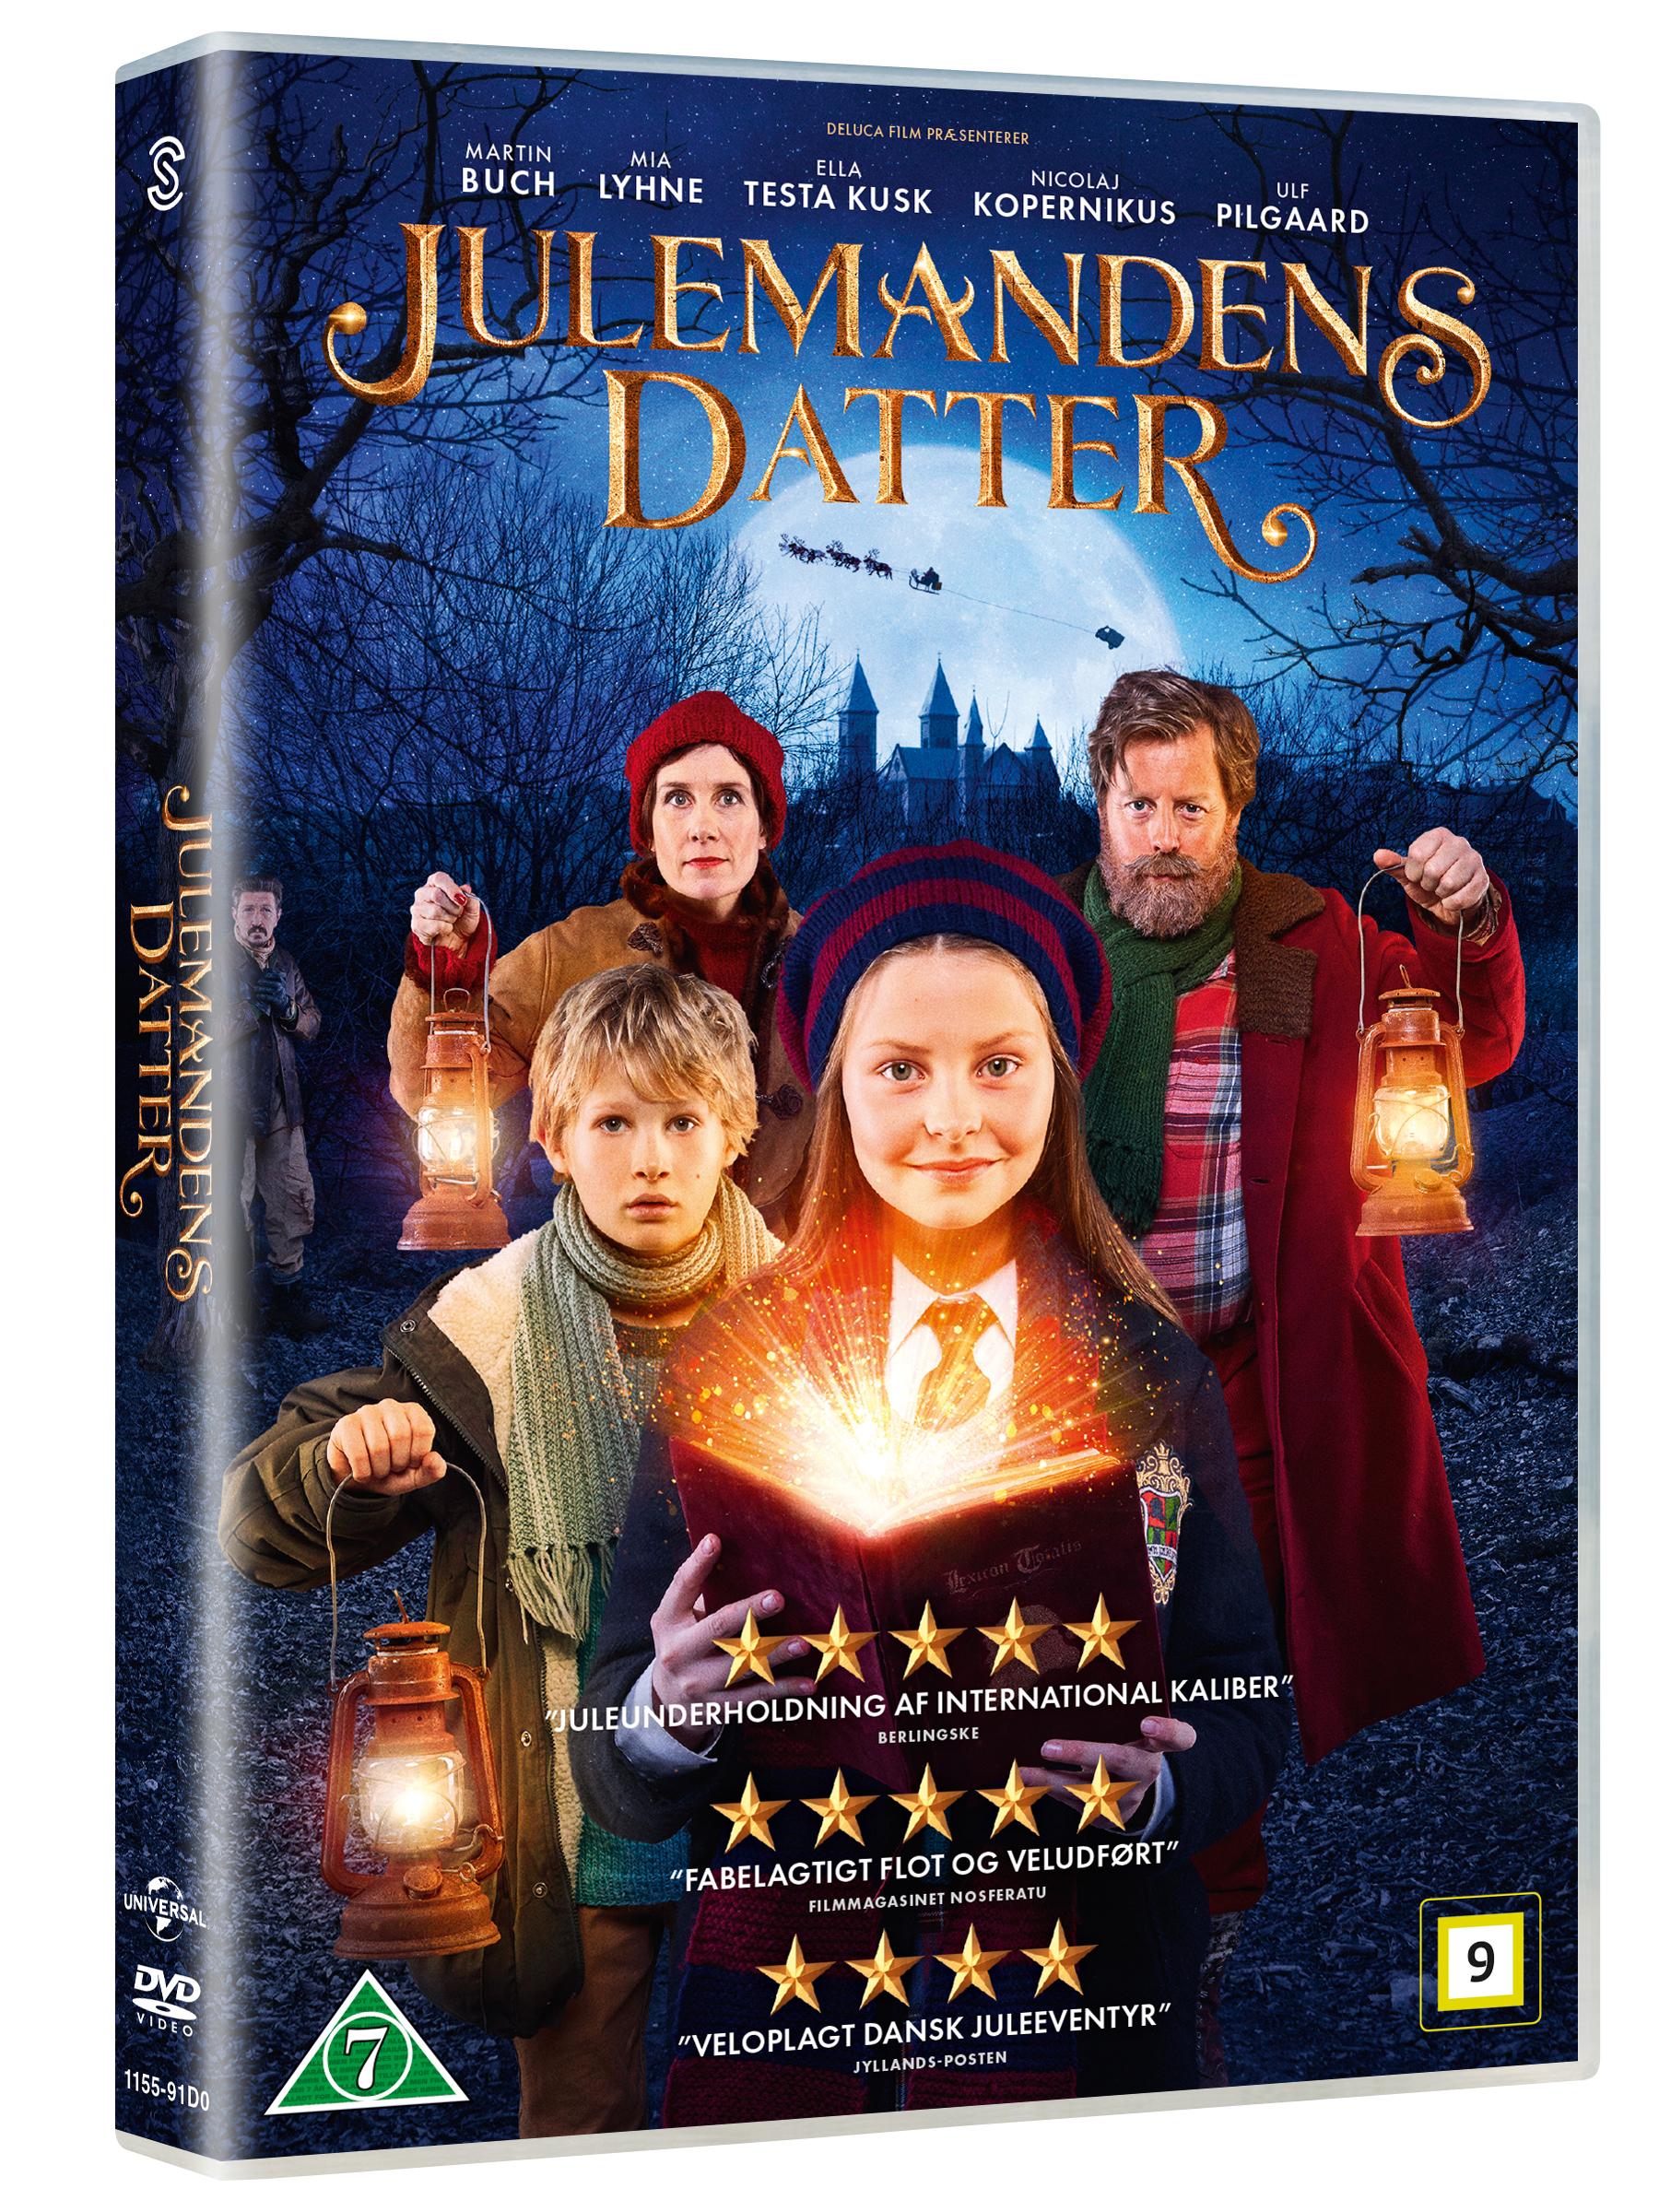 Julemandens Datter -  - Film -  - 5706169001647 - 14/11-2019